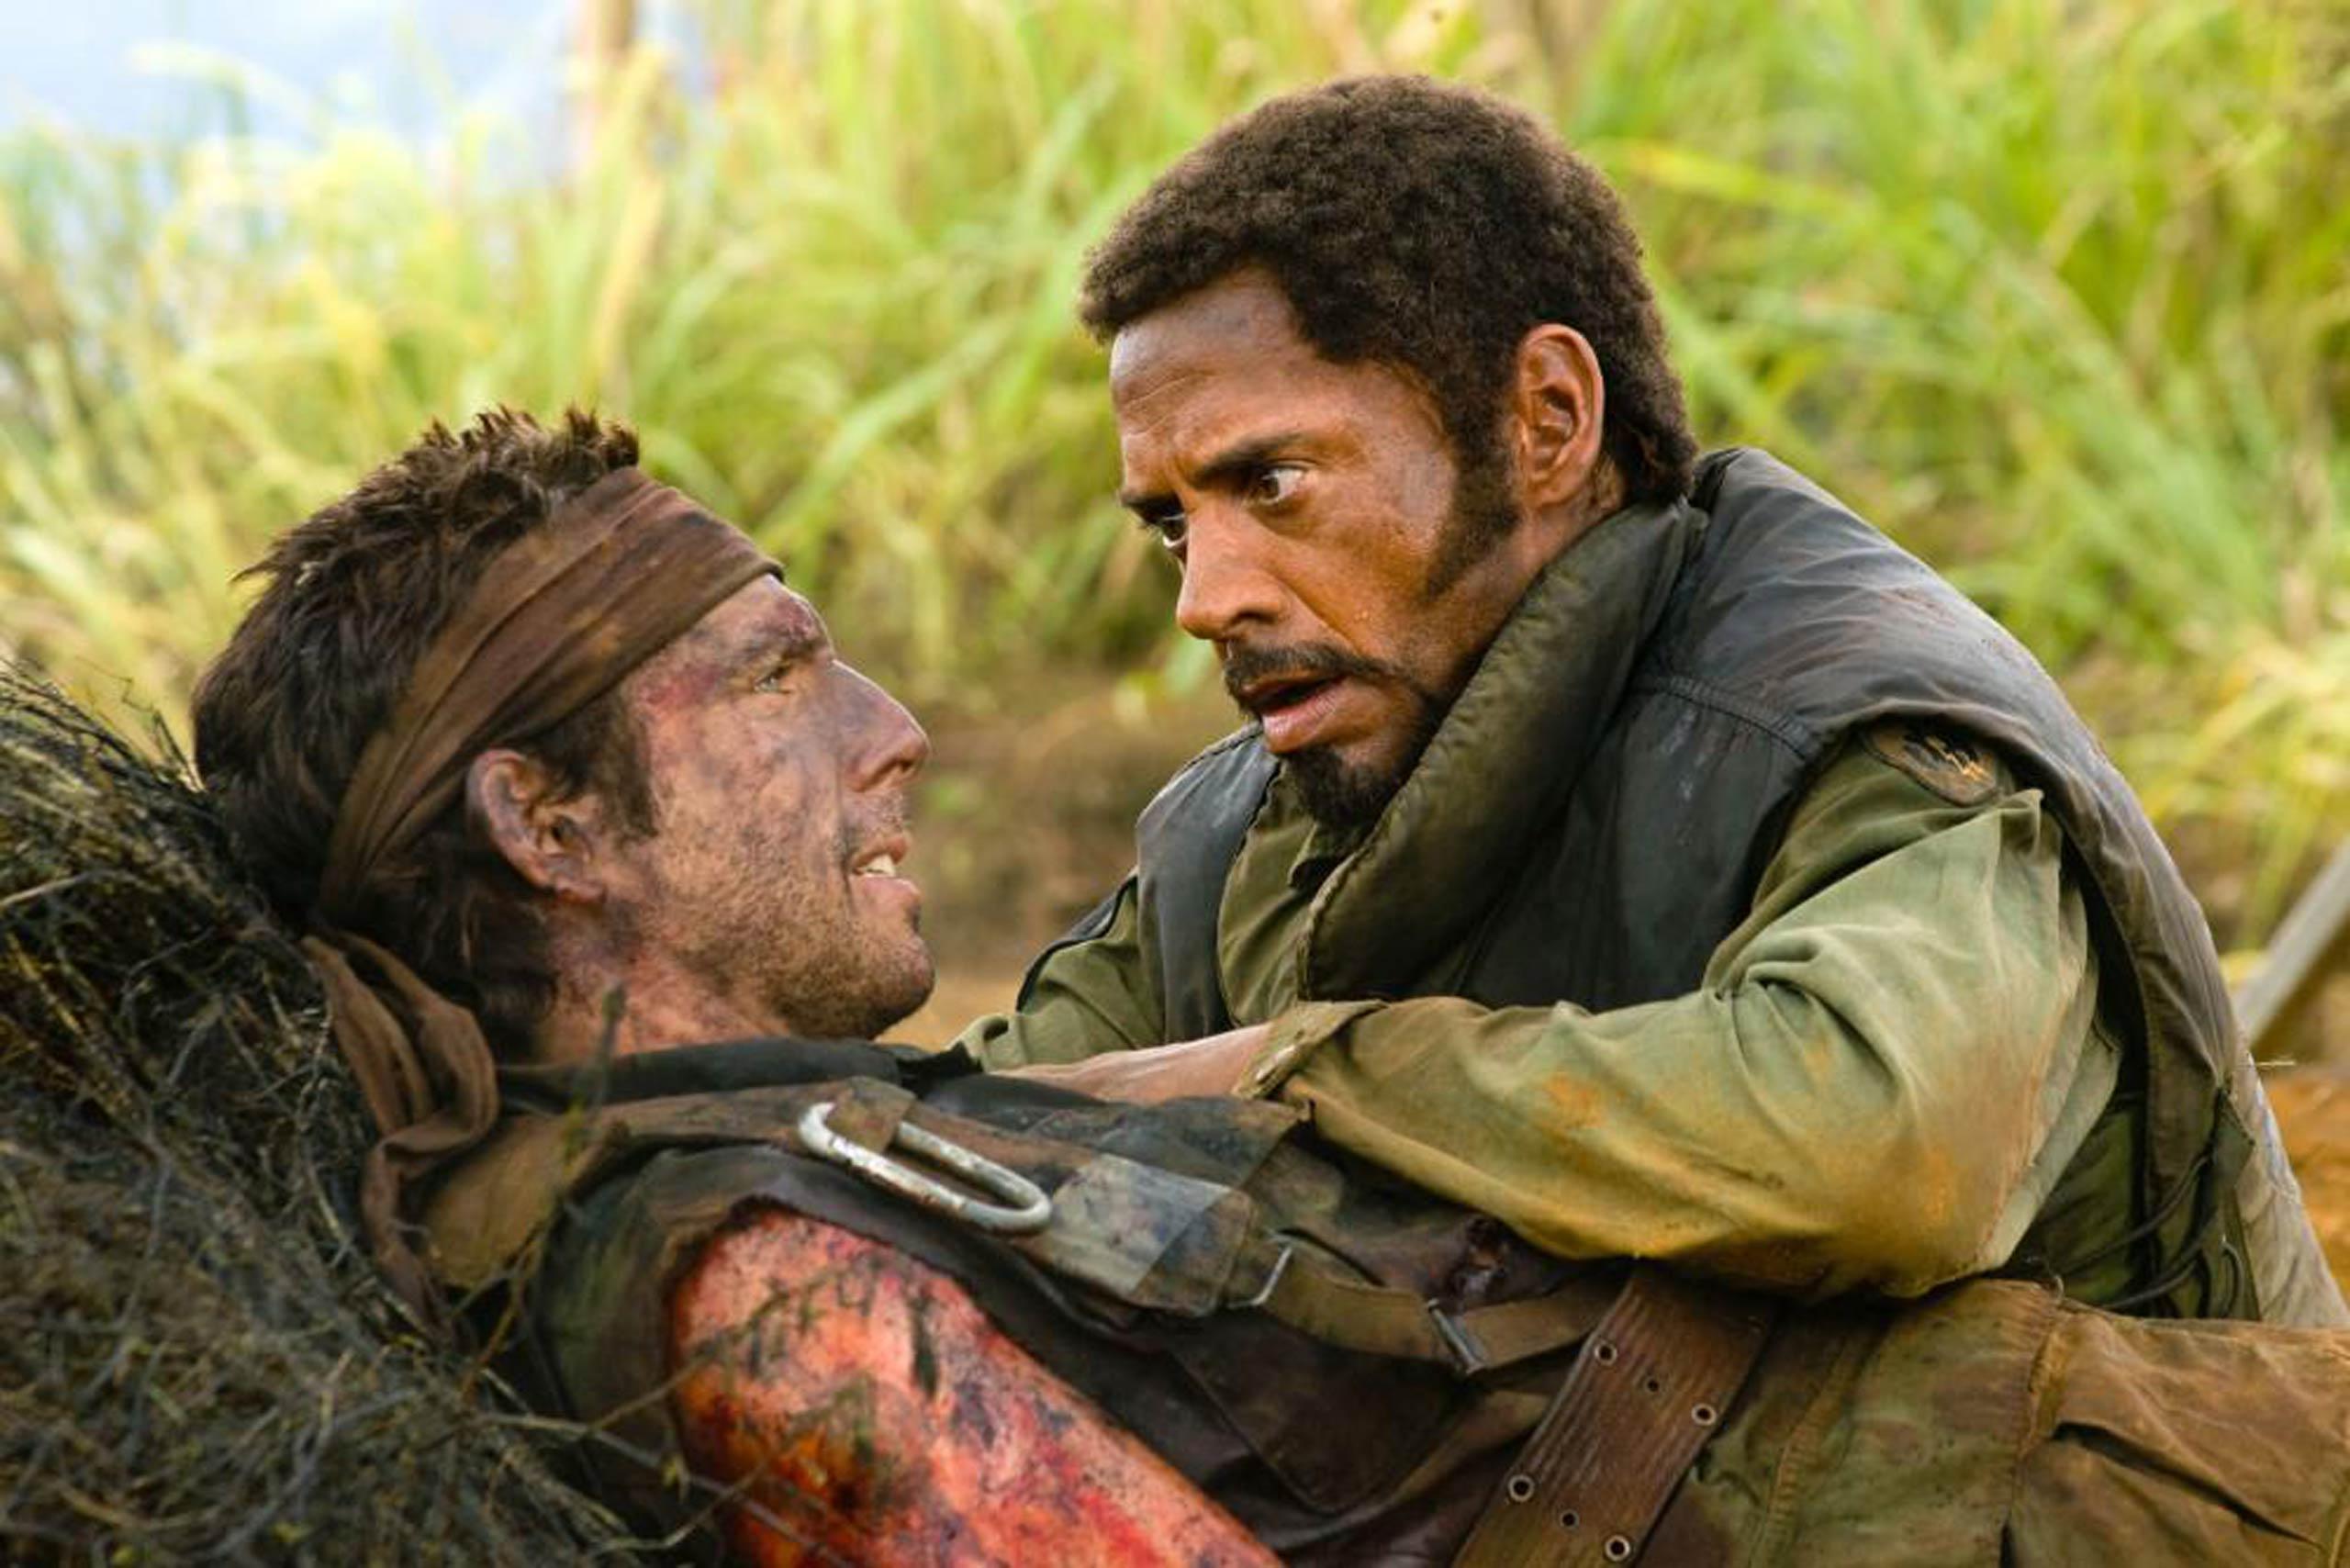 Ben Stiller and Robert Downey Jr. in <i>Tropic Thunder</i>, 2008.